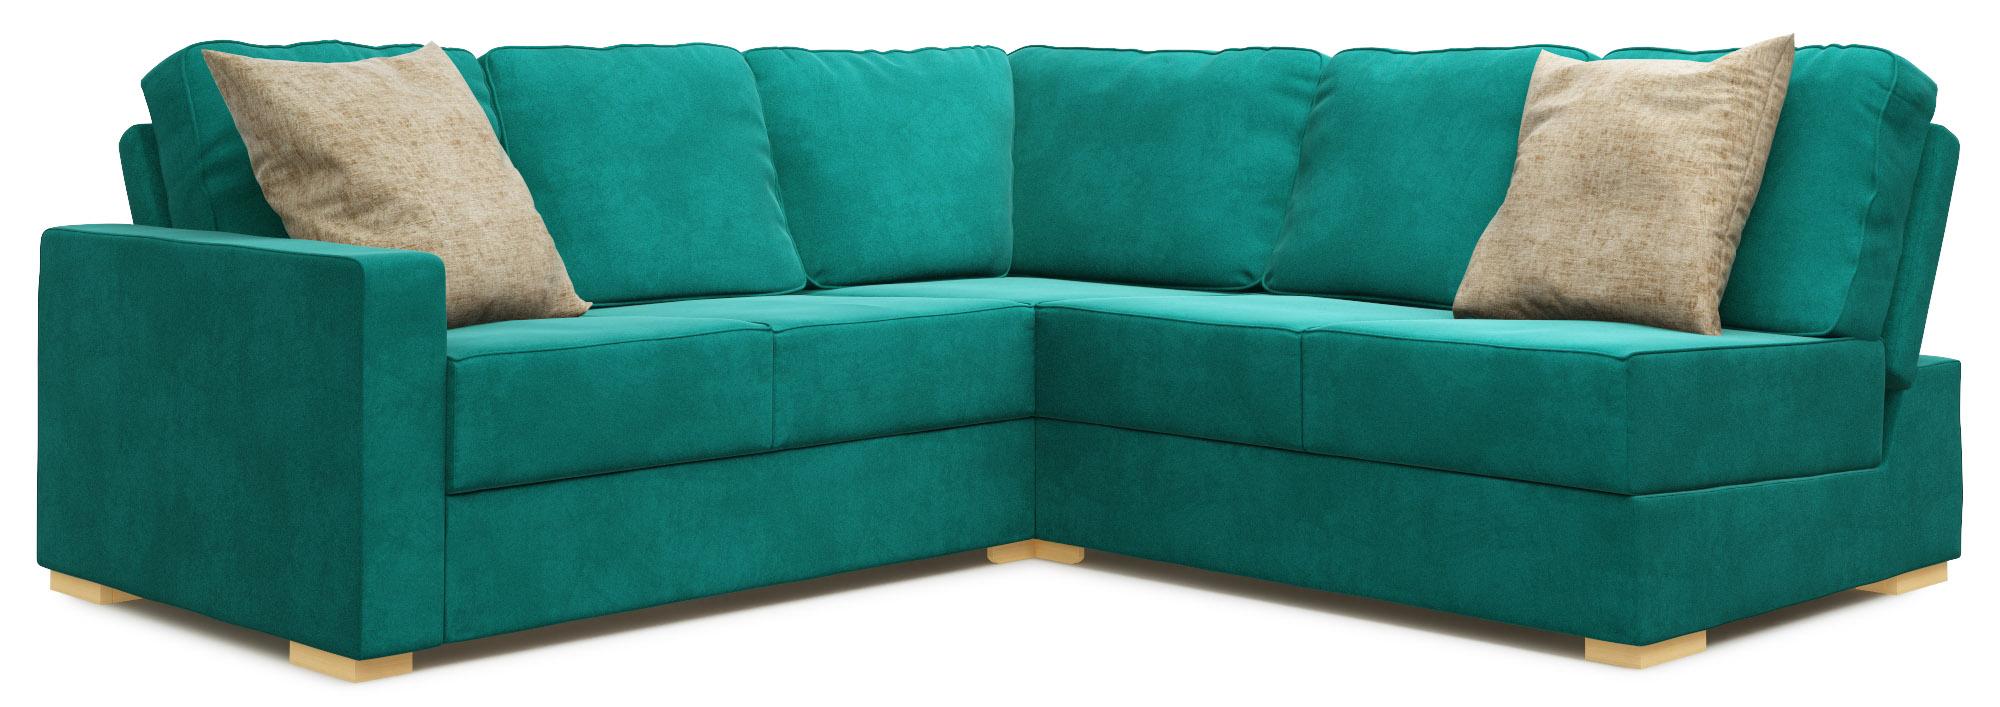 Lear Armless 3X3 Single Sofa Bed